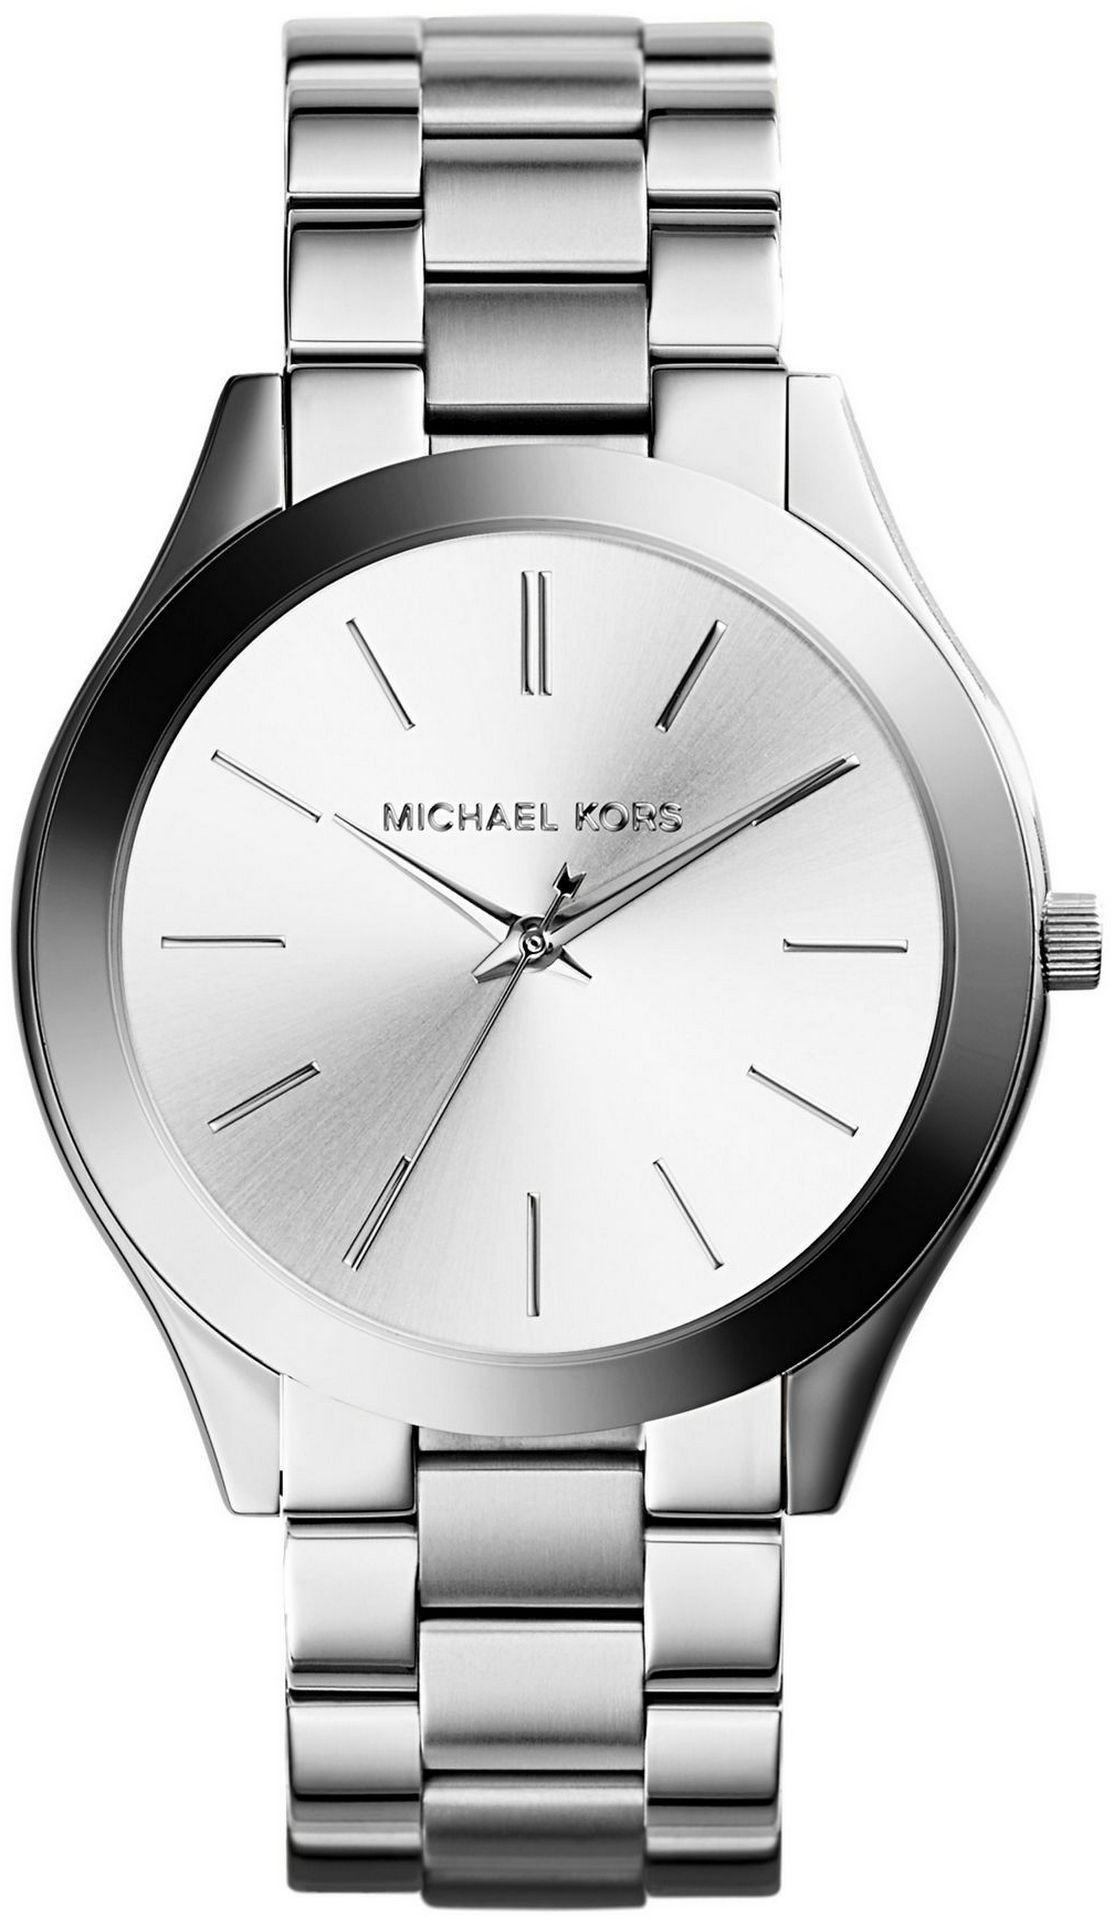 Zegarek Michael Kors MK3178 SLIM RUNWAY - CENA DO NEGOCJACJI - DOSTAWA DHL GRATIS, KUPUJ BEZ RYZYKA - 100 dni na zwrot, możliwość wygrawerowania dowolnego tekstu.